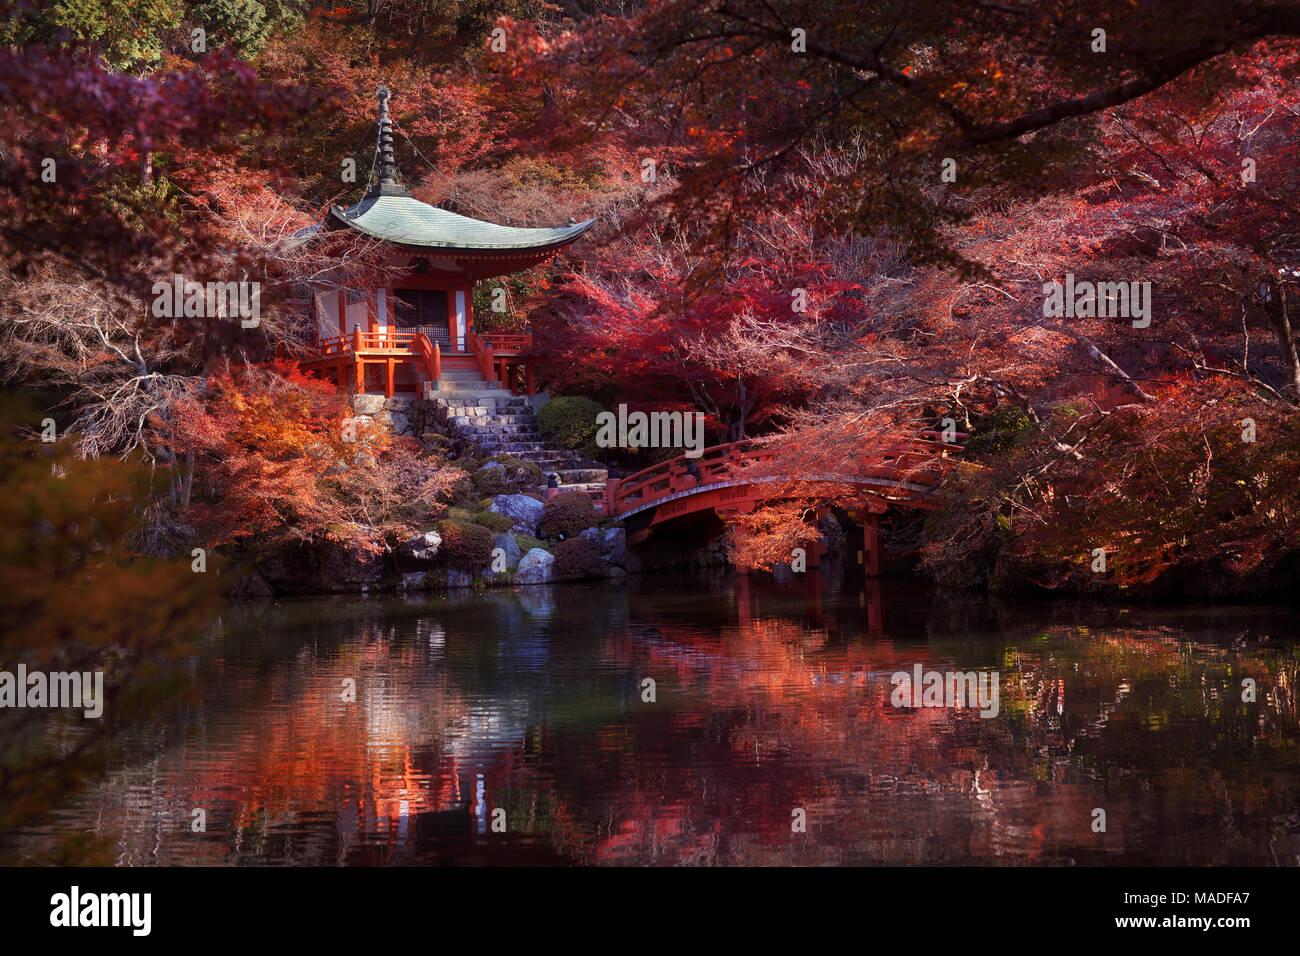 Bentendo Hall con un puente sobre un estanque en Daigo-ji, en un hermoso paisaje del otoño colorido rojo rodeado por los árboles de arce japonés. Shimo-Daigo Imagen De Stock